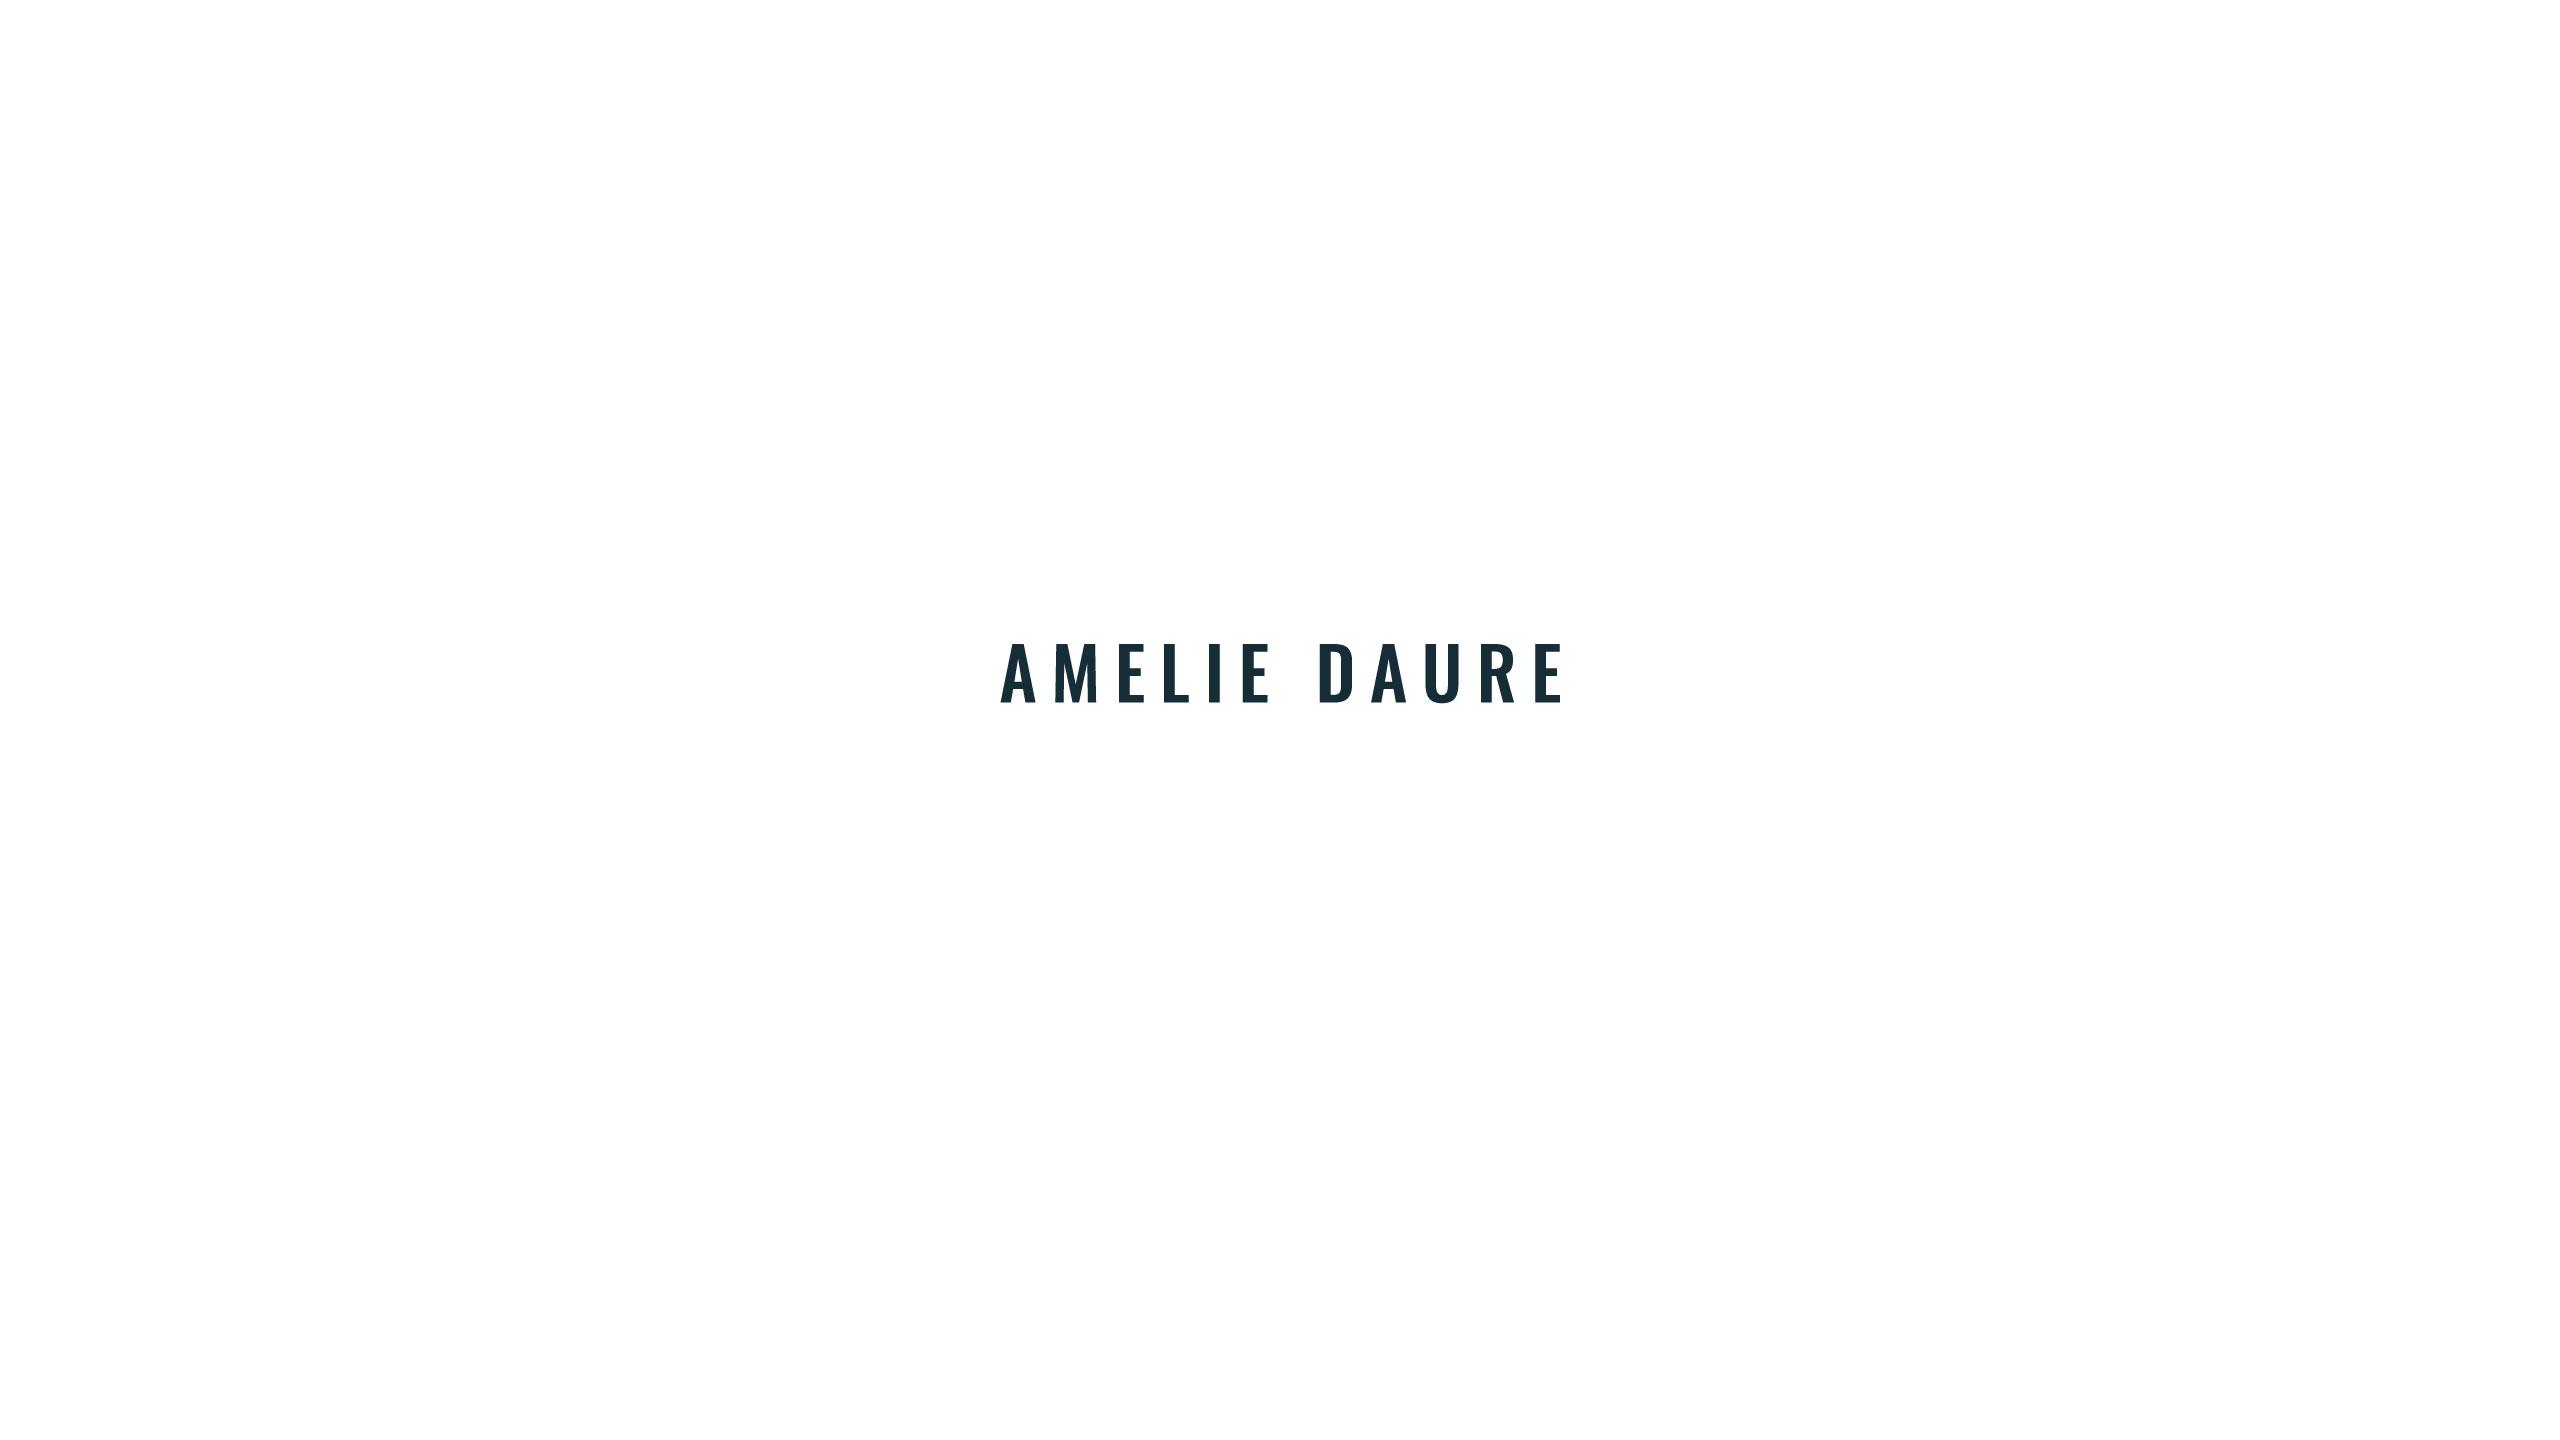 1a_Text_Amelie_Daure_1